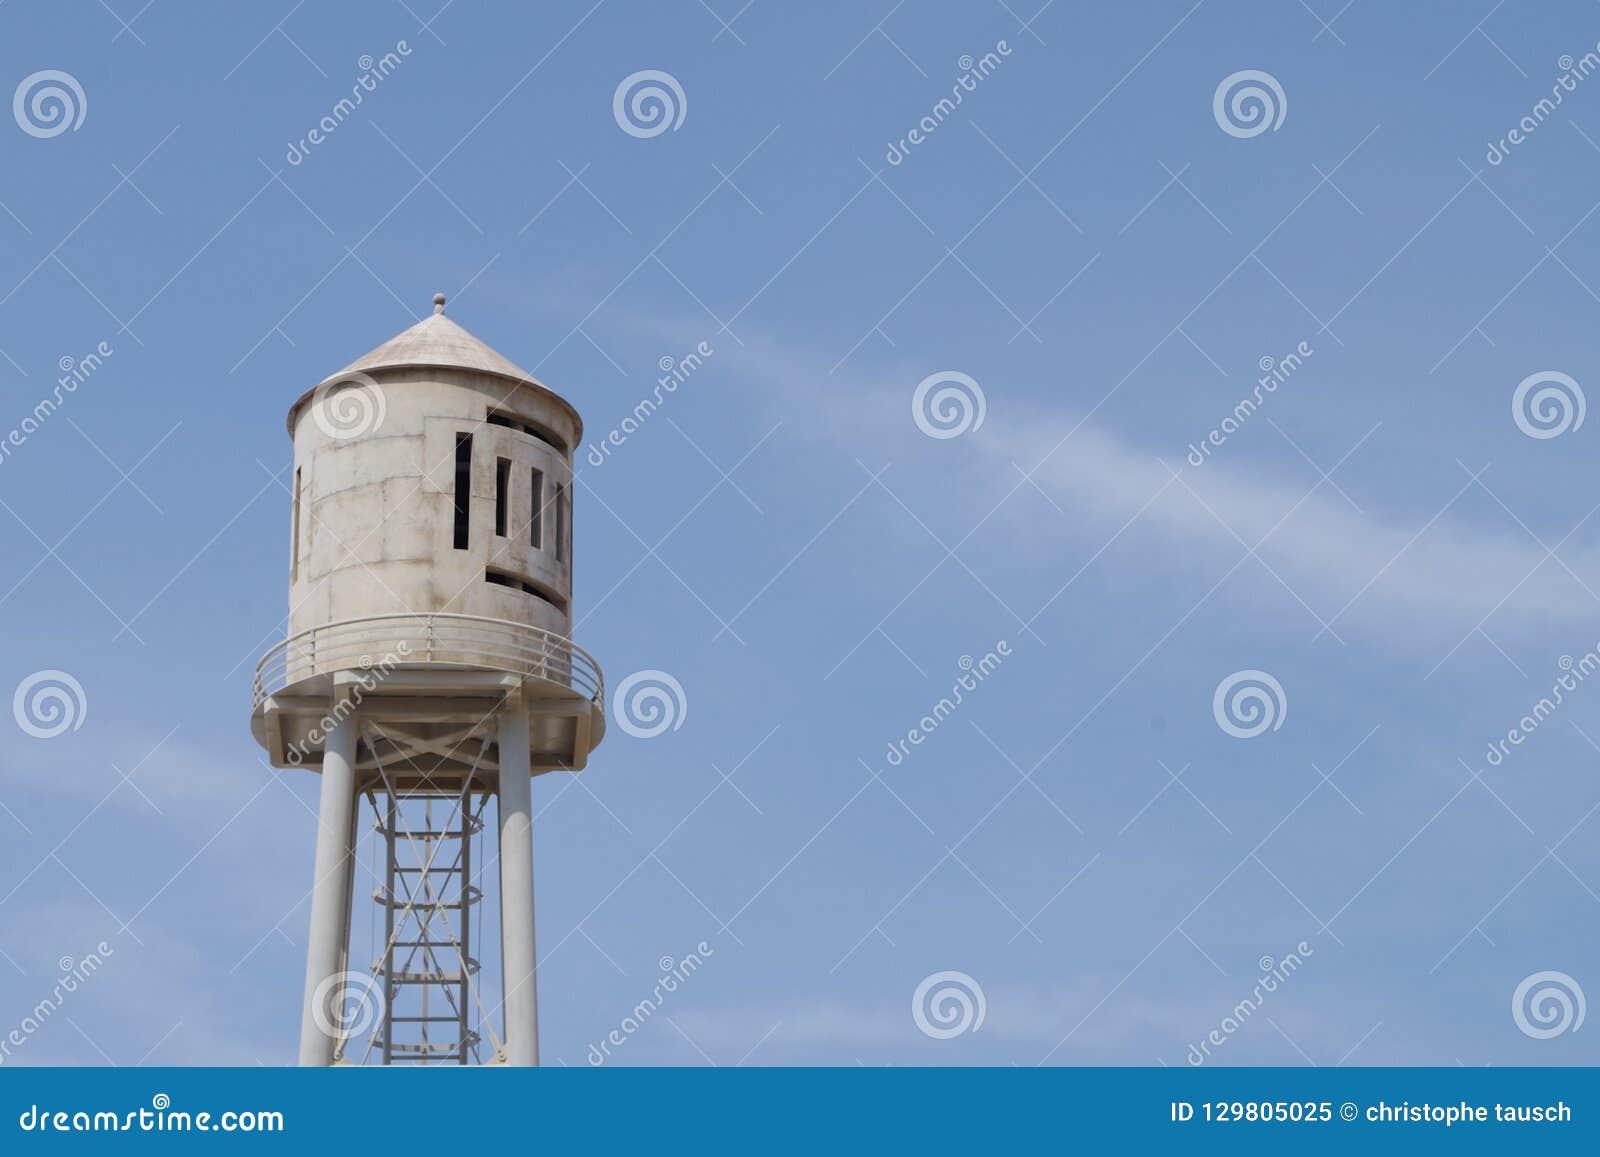 Tanque de água velho em uma torre